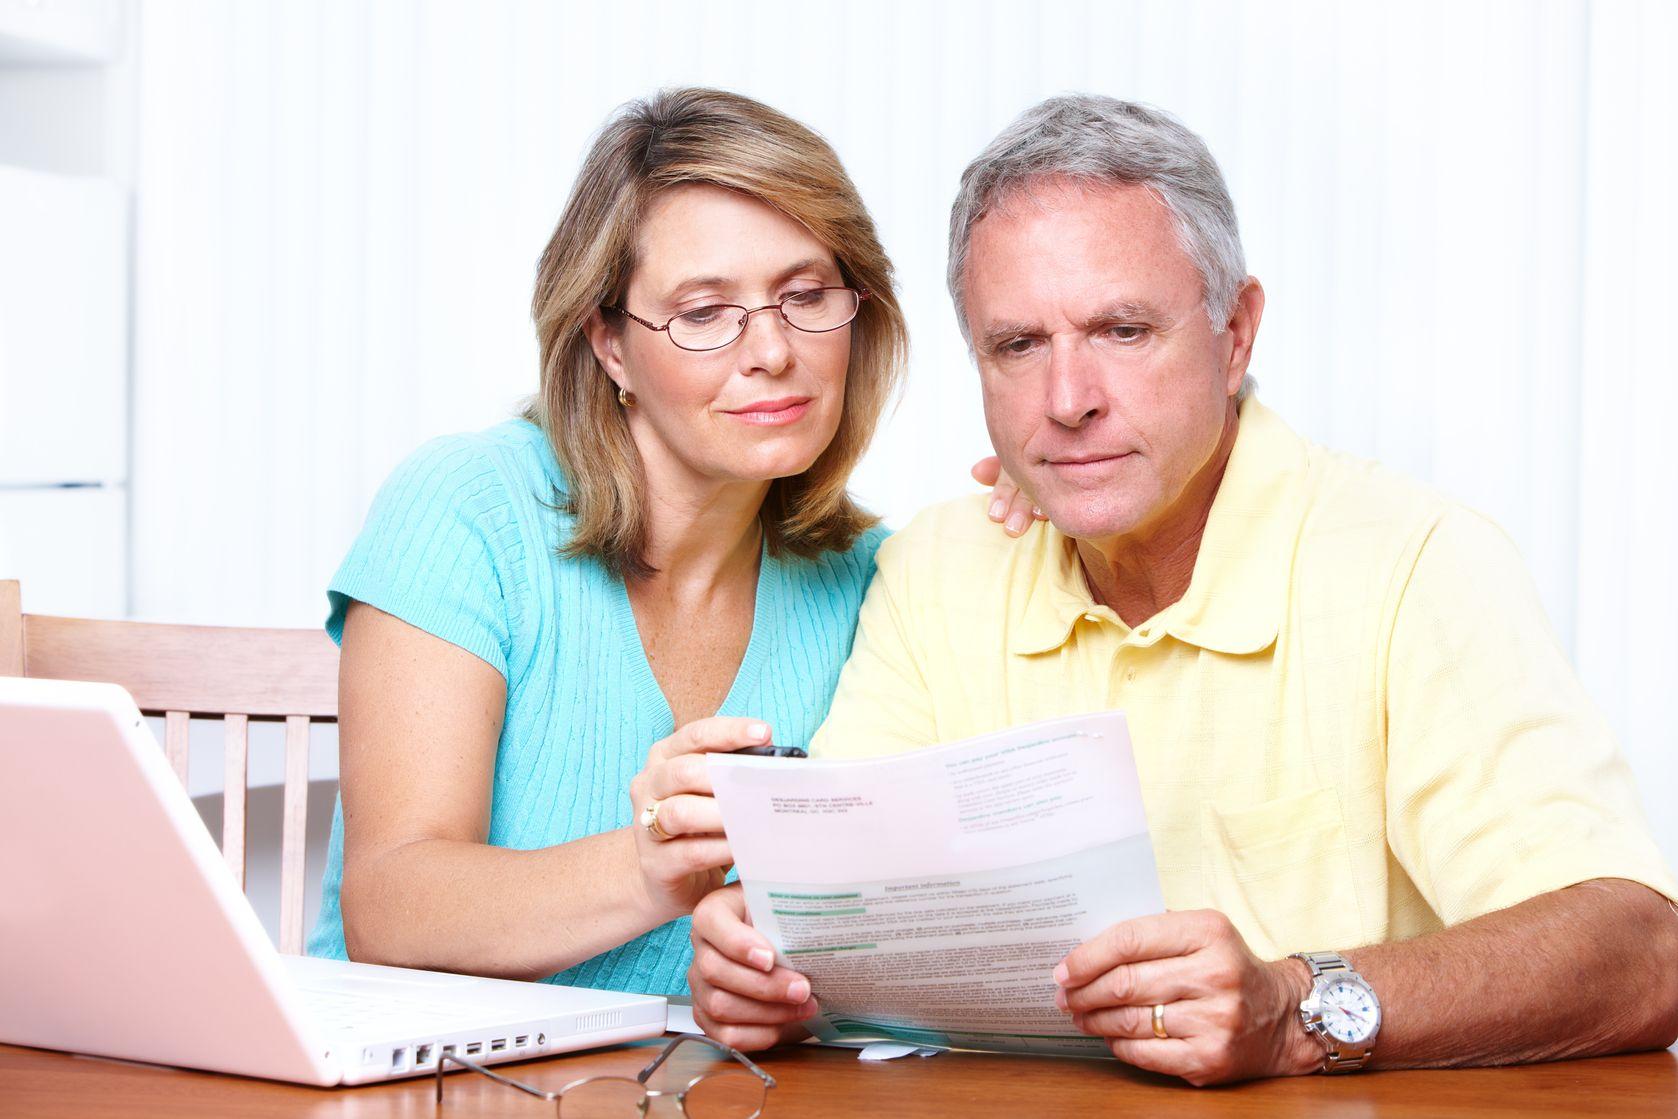 ¿Interesado en renegociar sus préstamos? Le contamos cómo hacerlo